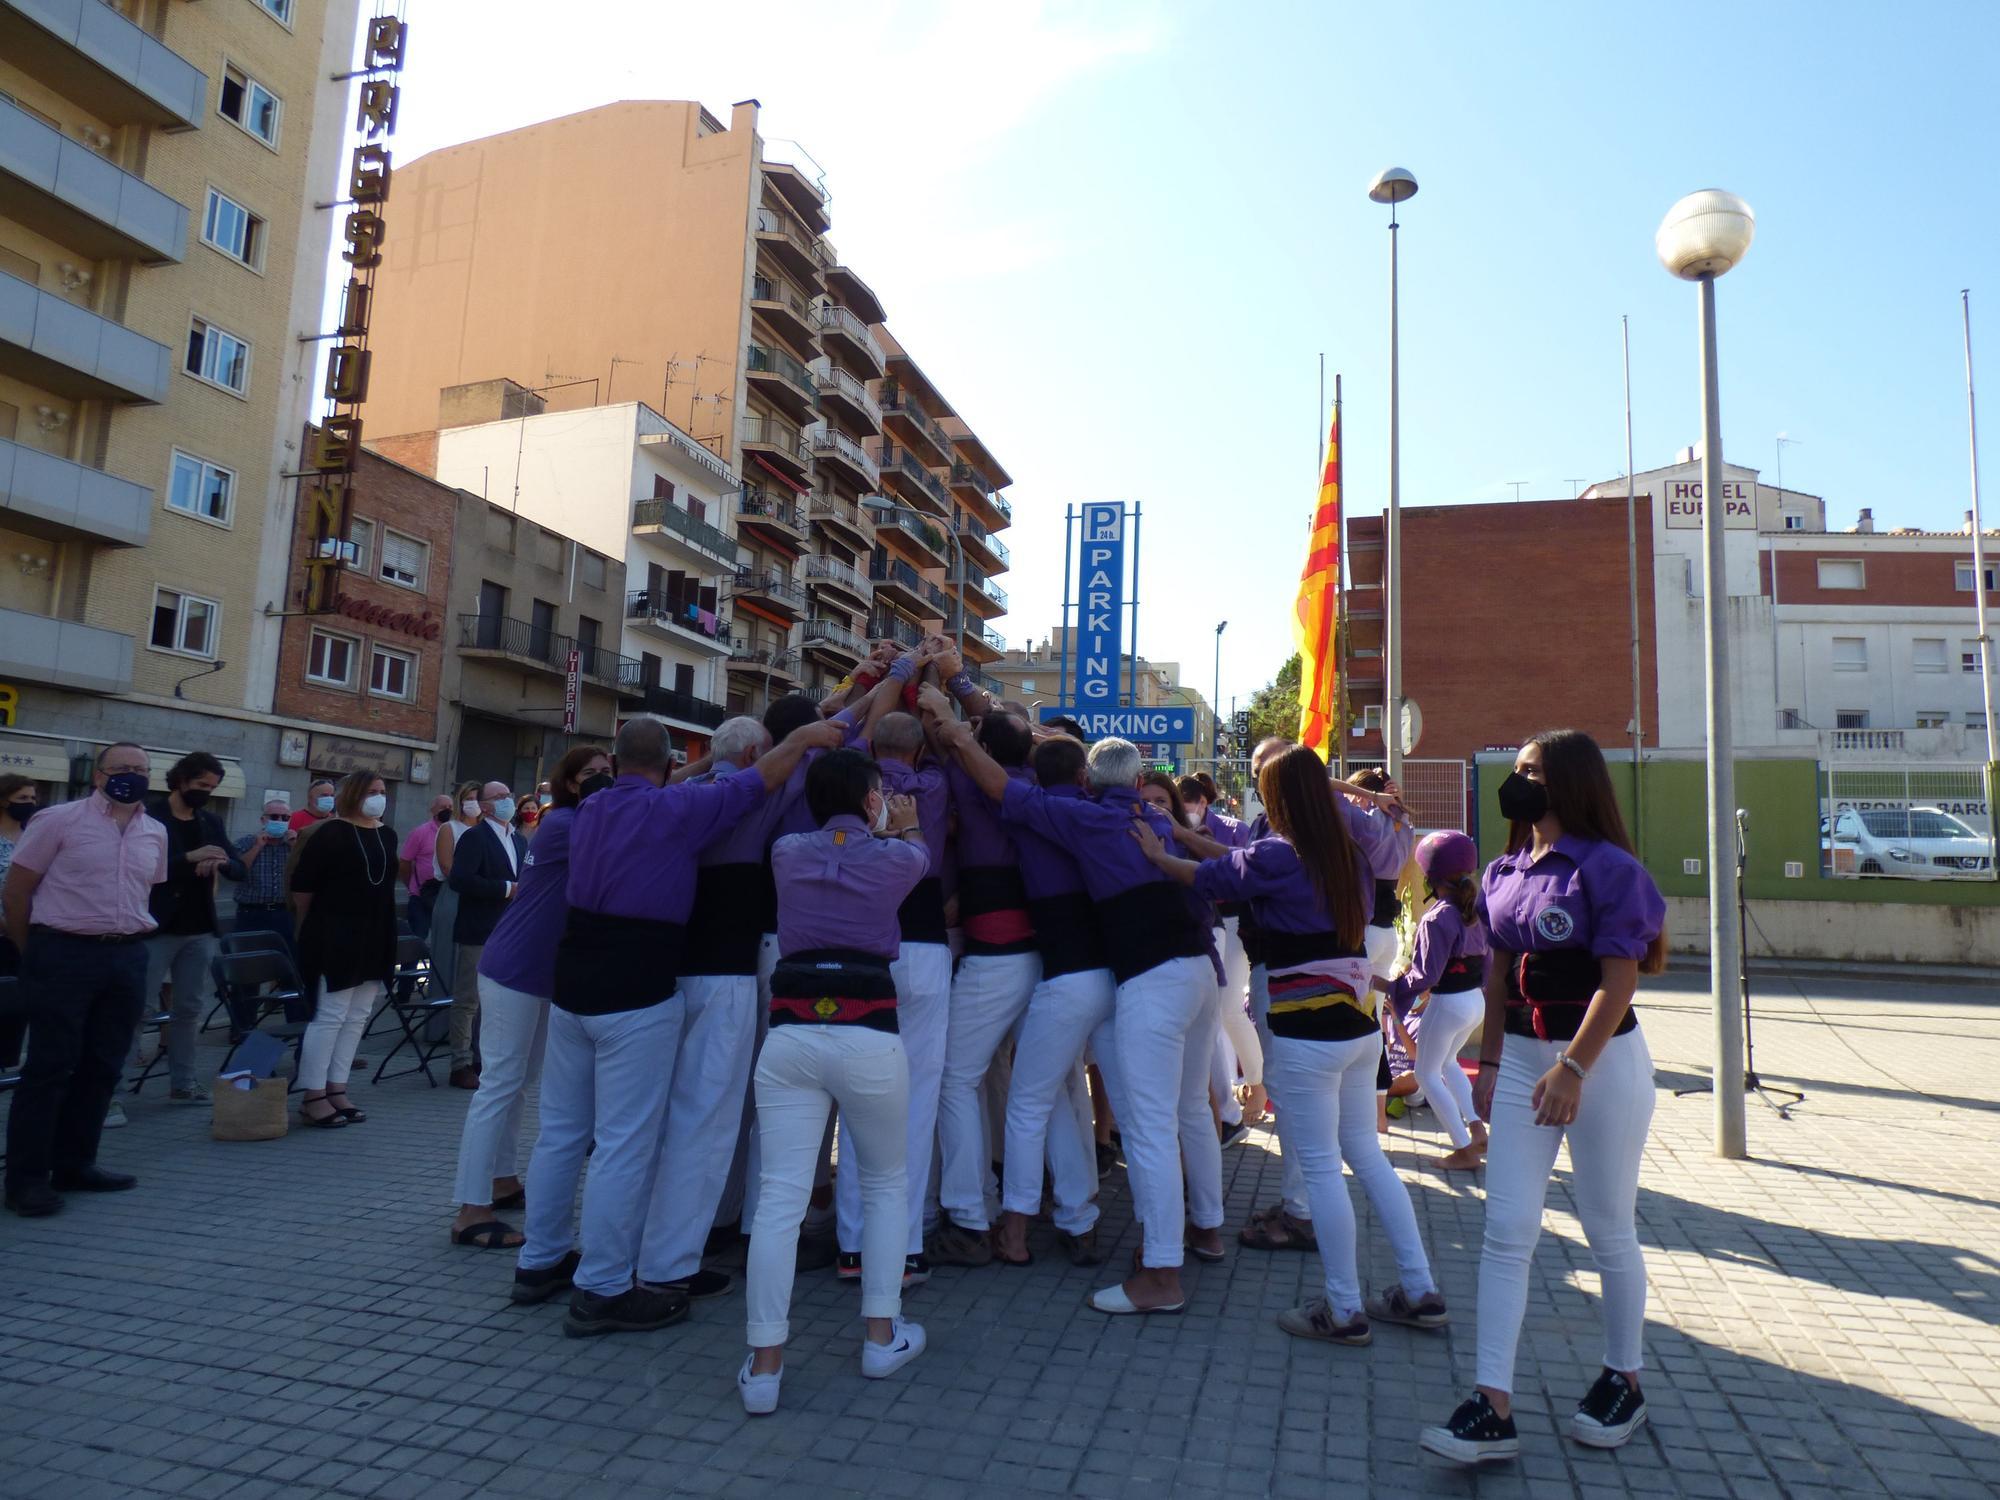 La Colla Castellera de Figueres ha celebrat els seus 25 anys amb un pilar de quatre, la primera actuació des d'abans de la pandèmia